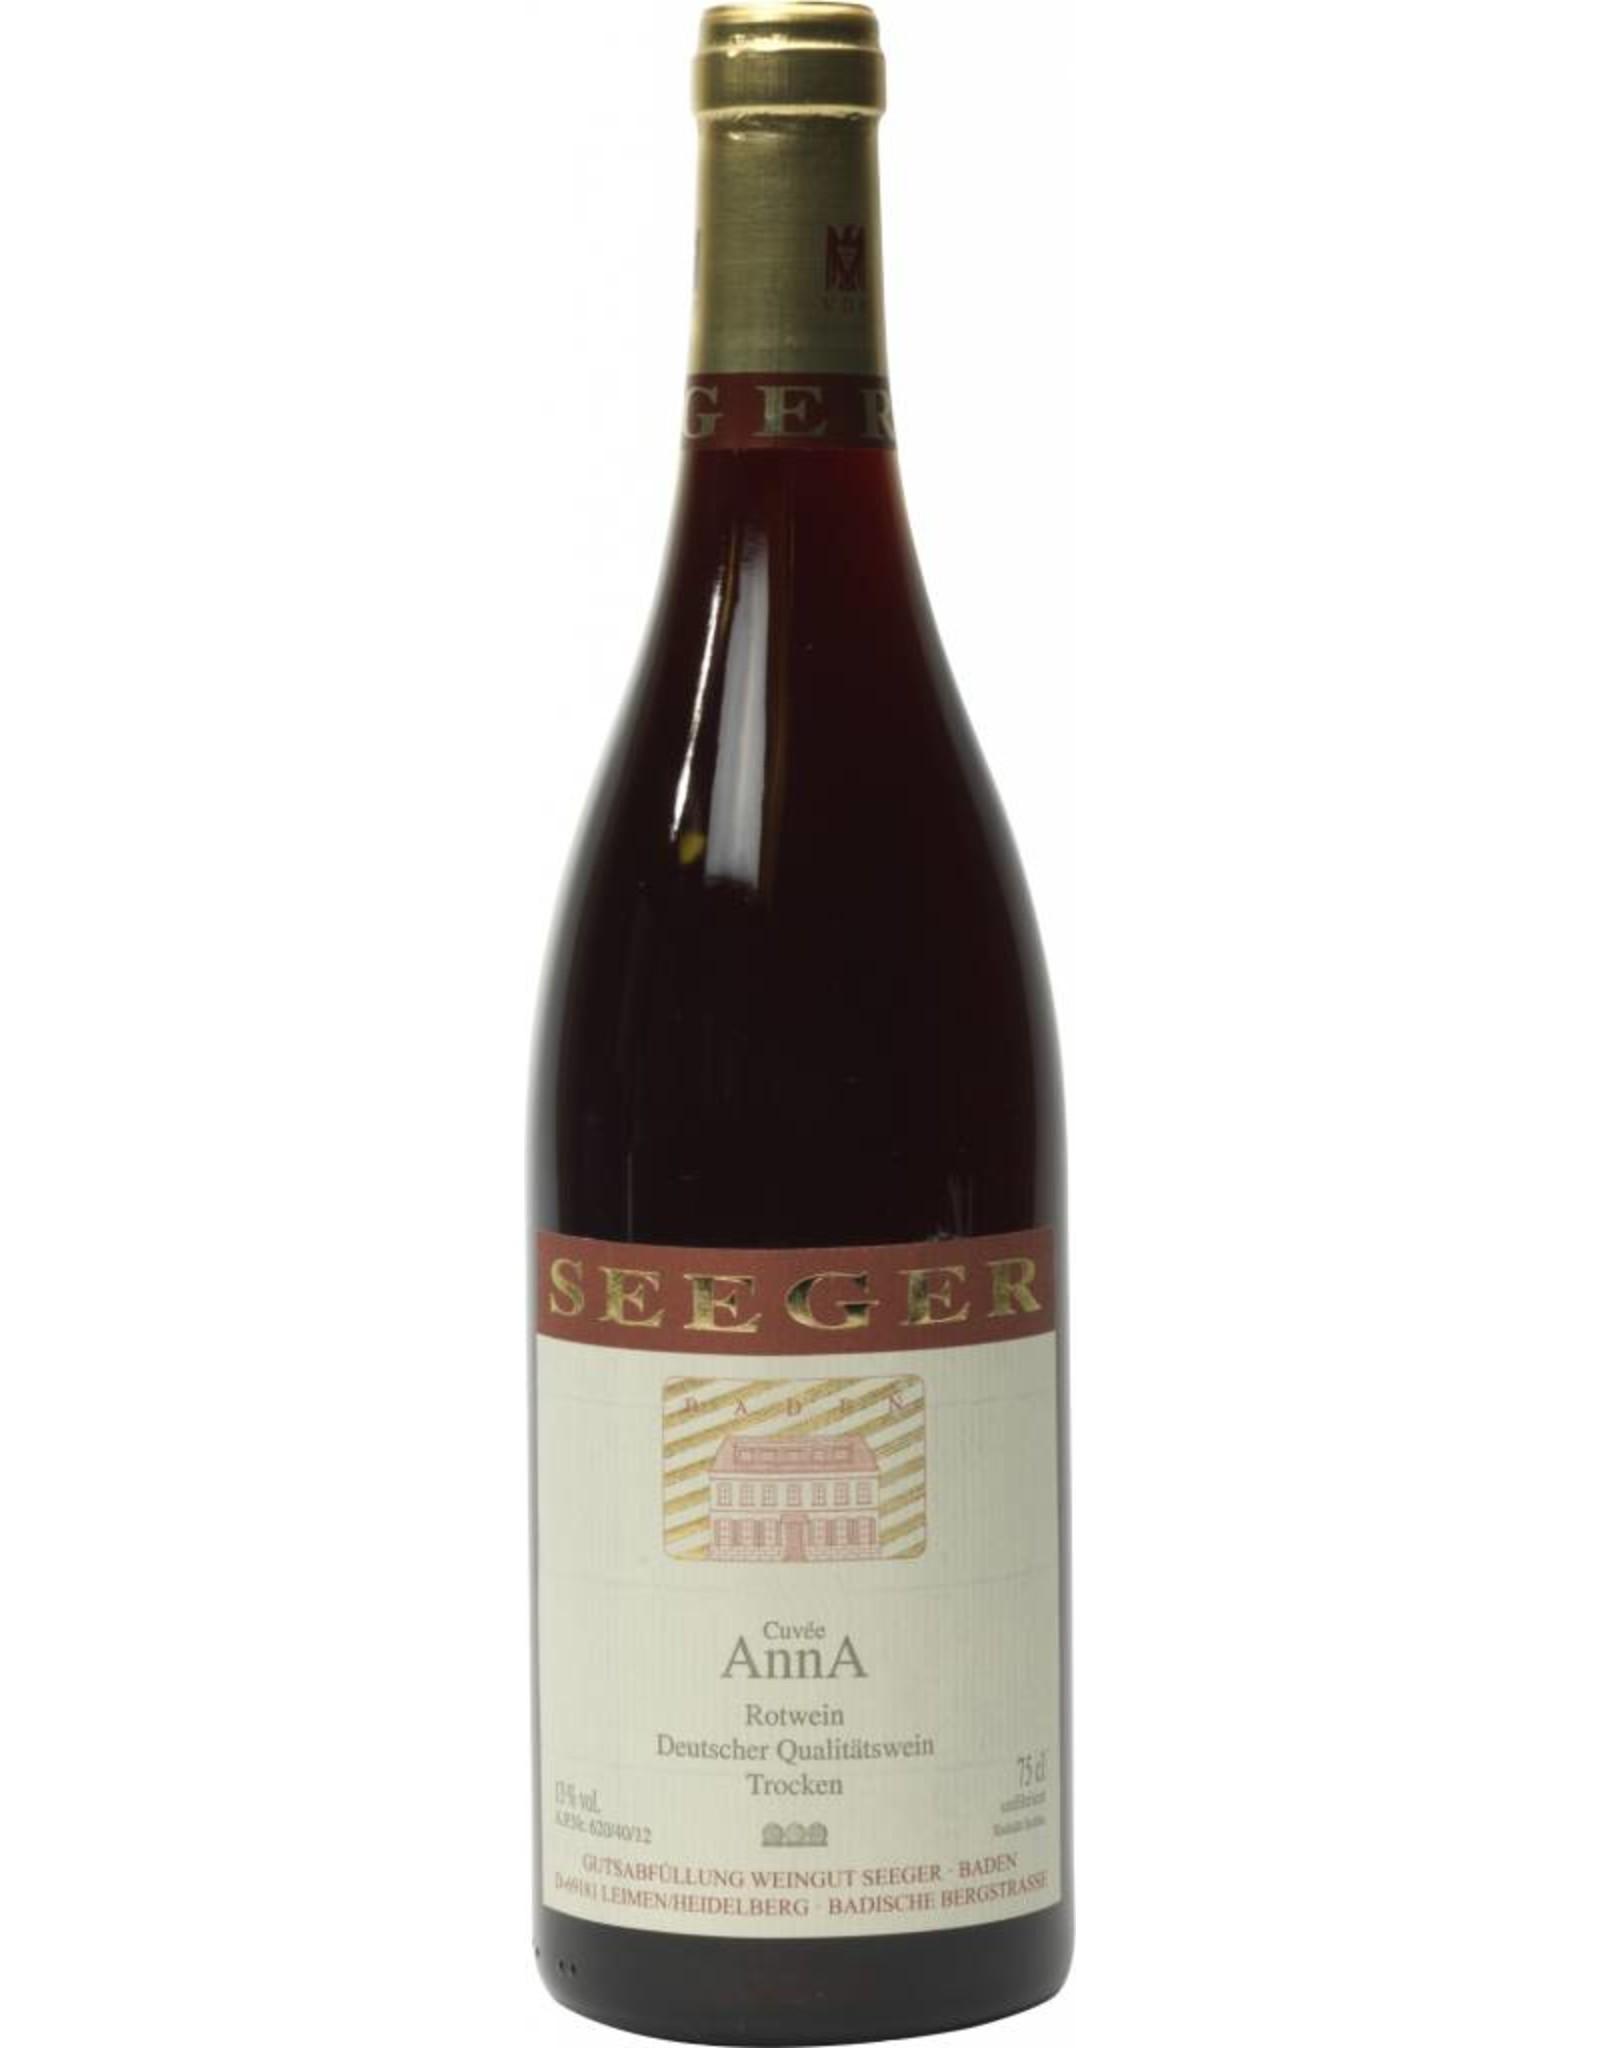 Weingut Seeger Cuvée AnnA